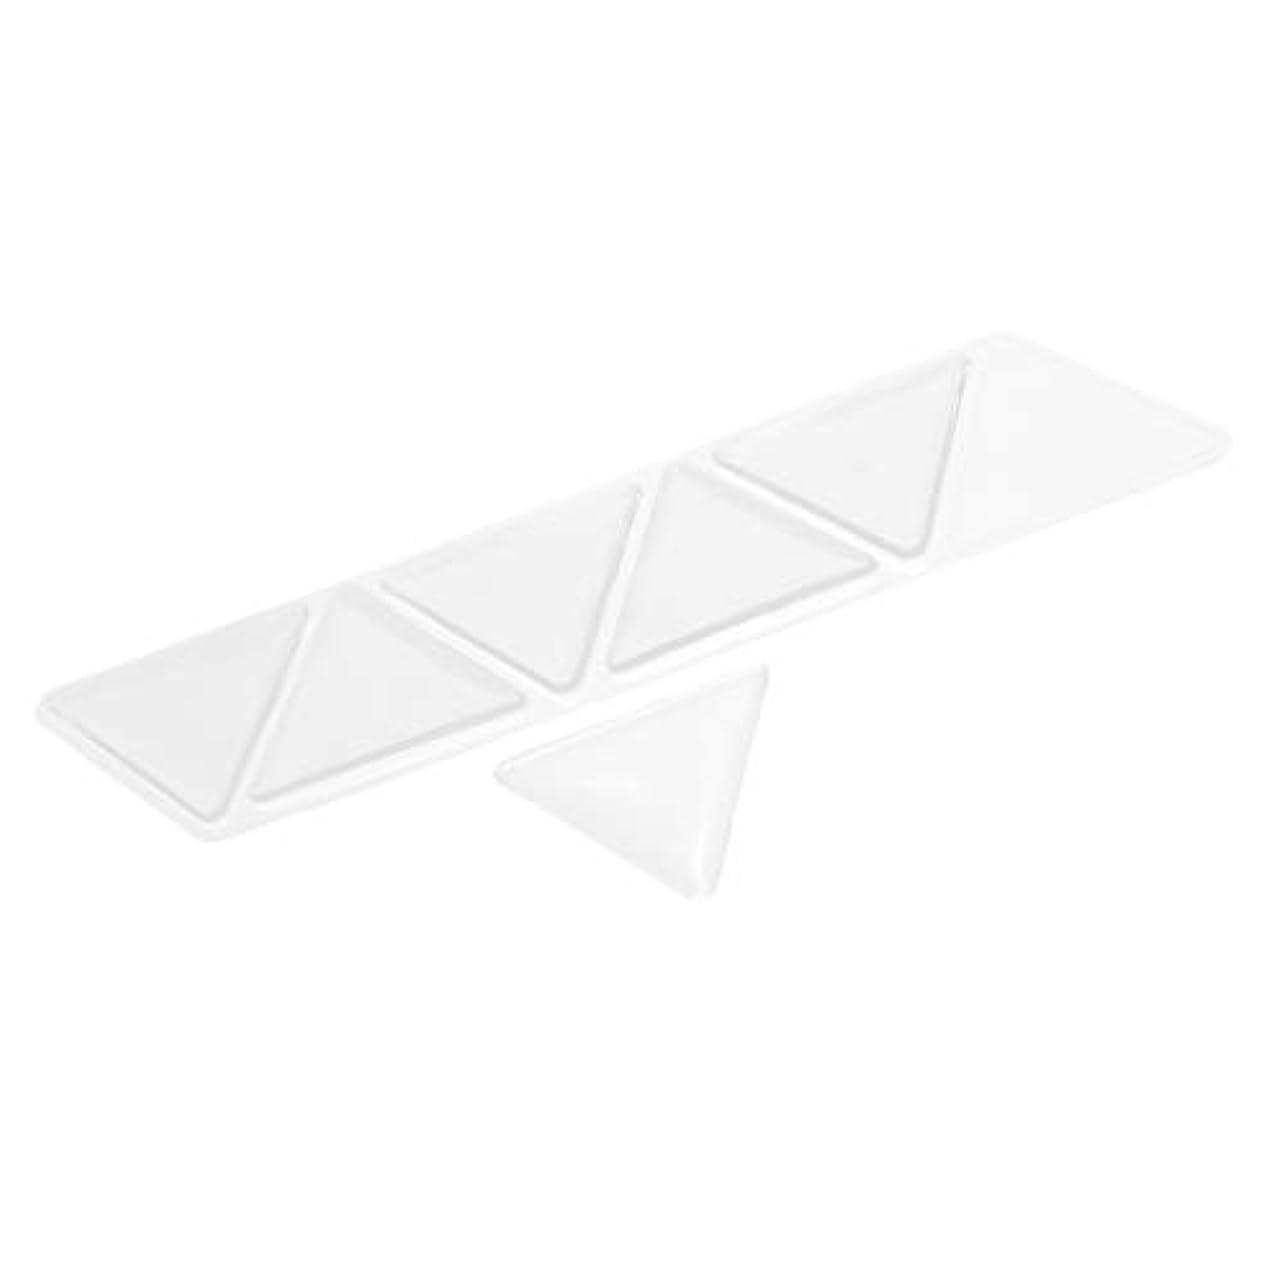 眠っている暴力的な作成する額パッド スキンケアパッド アンチリンクル シリコン 三角パッド 再使用可能な